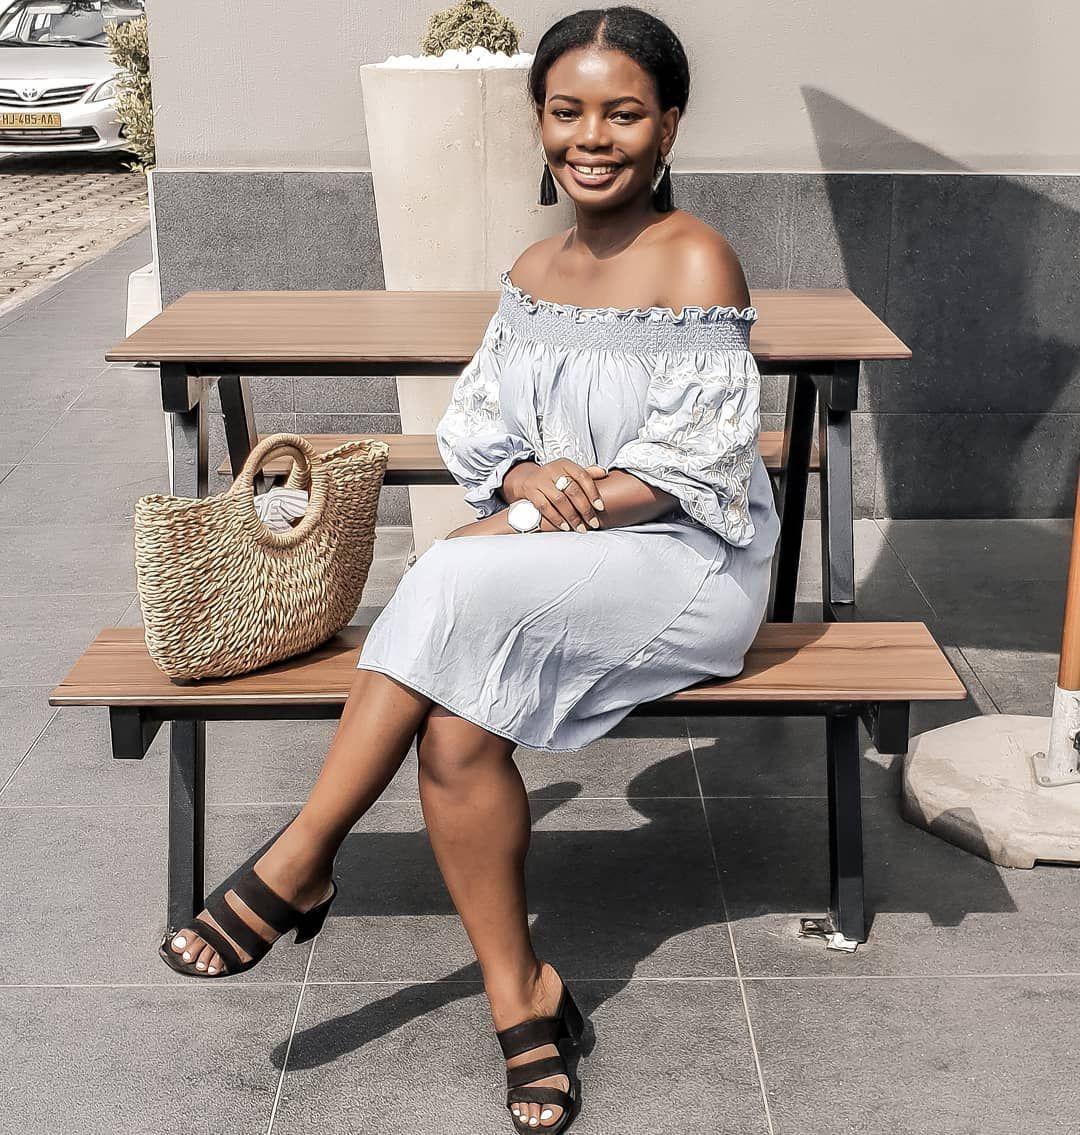 Brown Skin Girl 😊💁🏿♀️ ~ Sun sun sun  sun ...and sun ☀️🌴 Have a good sunday👋  ___